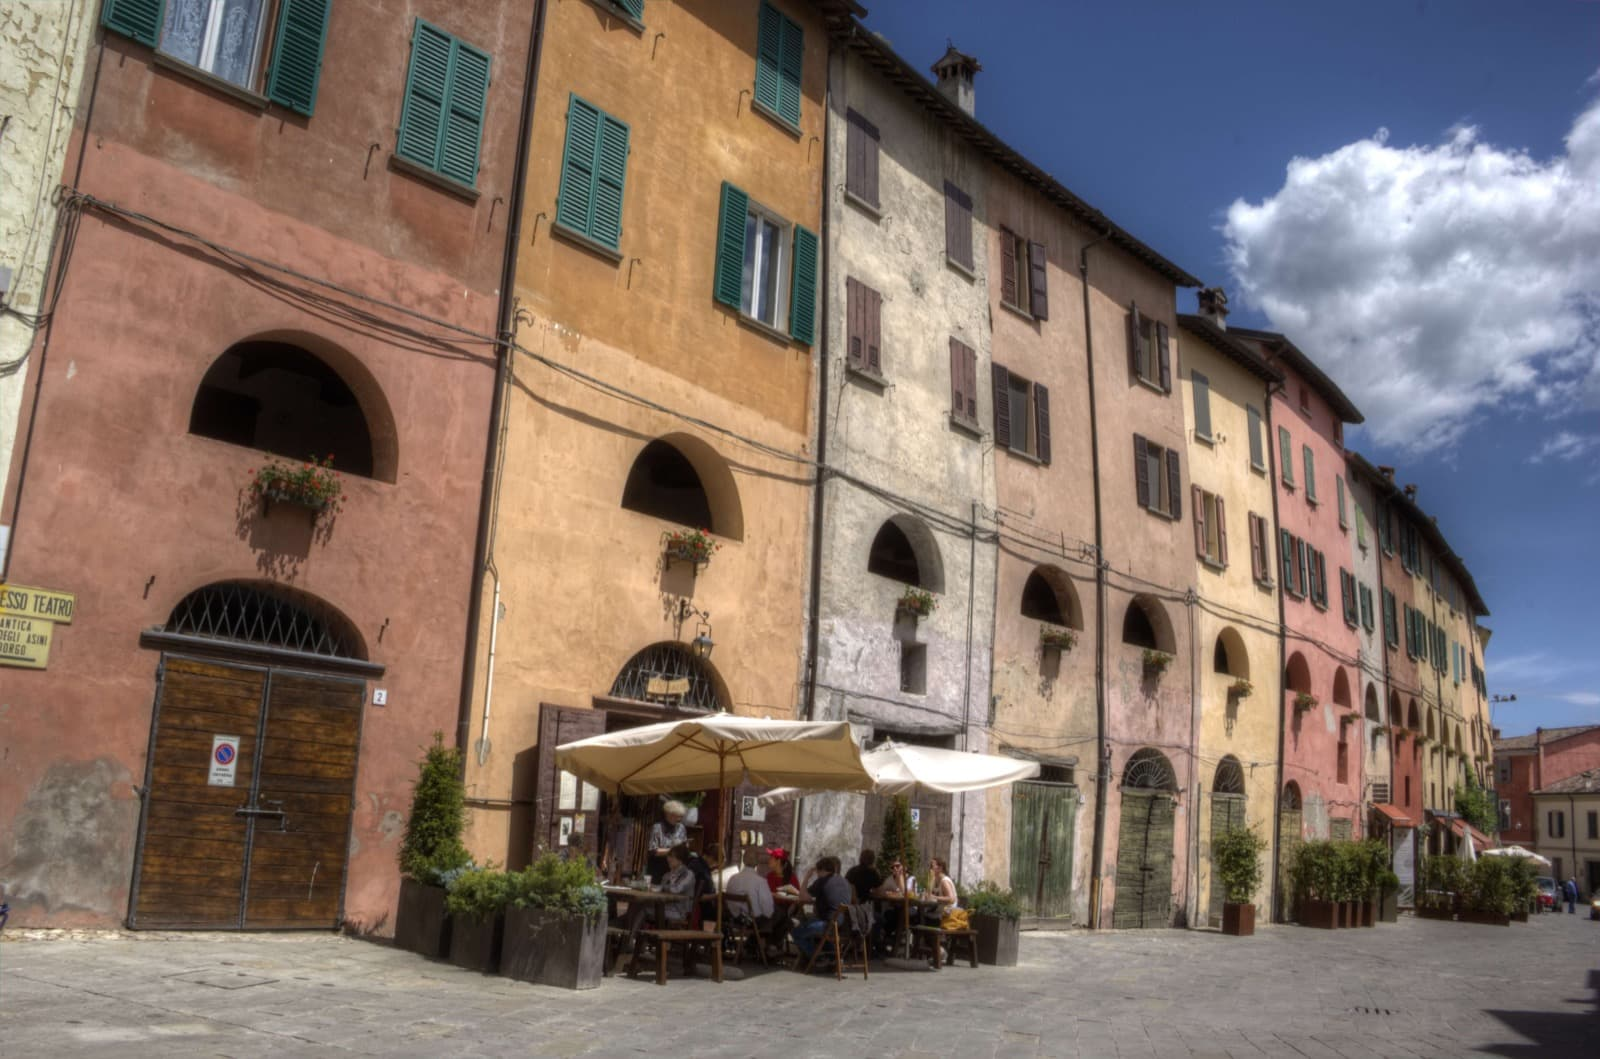 Brisighella, Via degli Asini - Roads of Dante